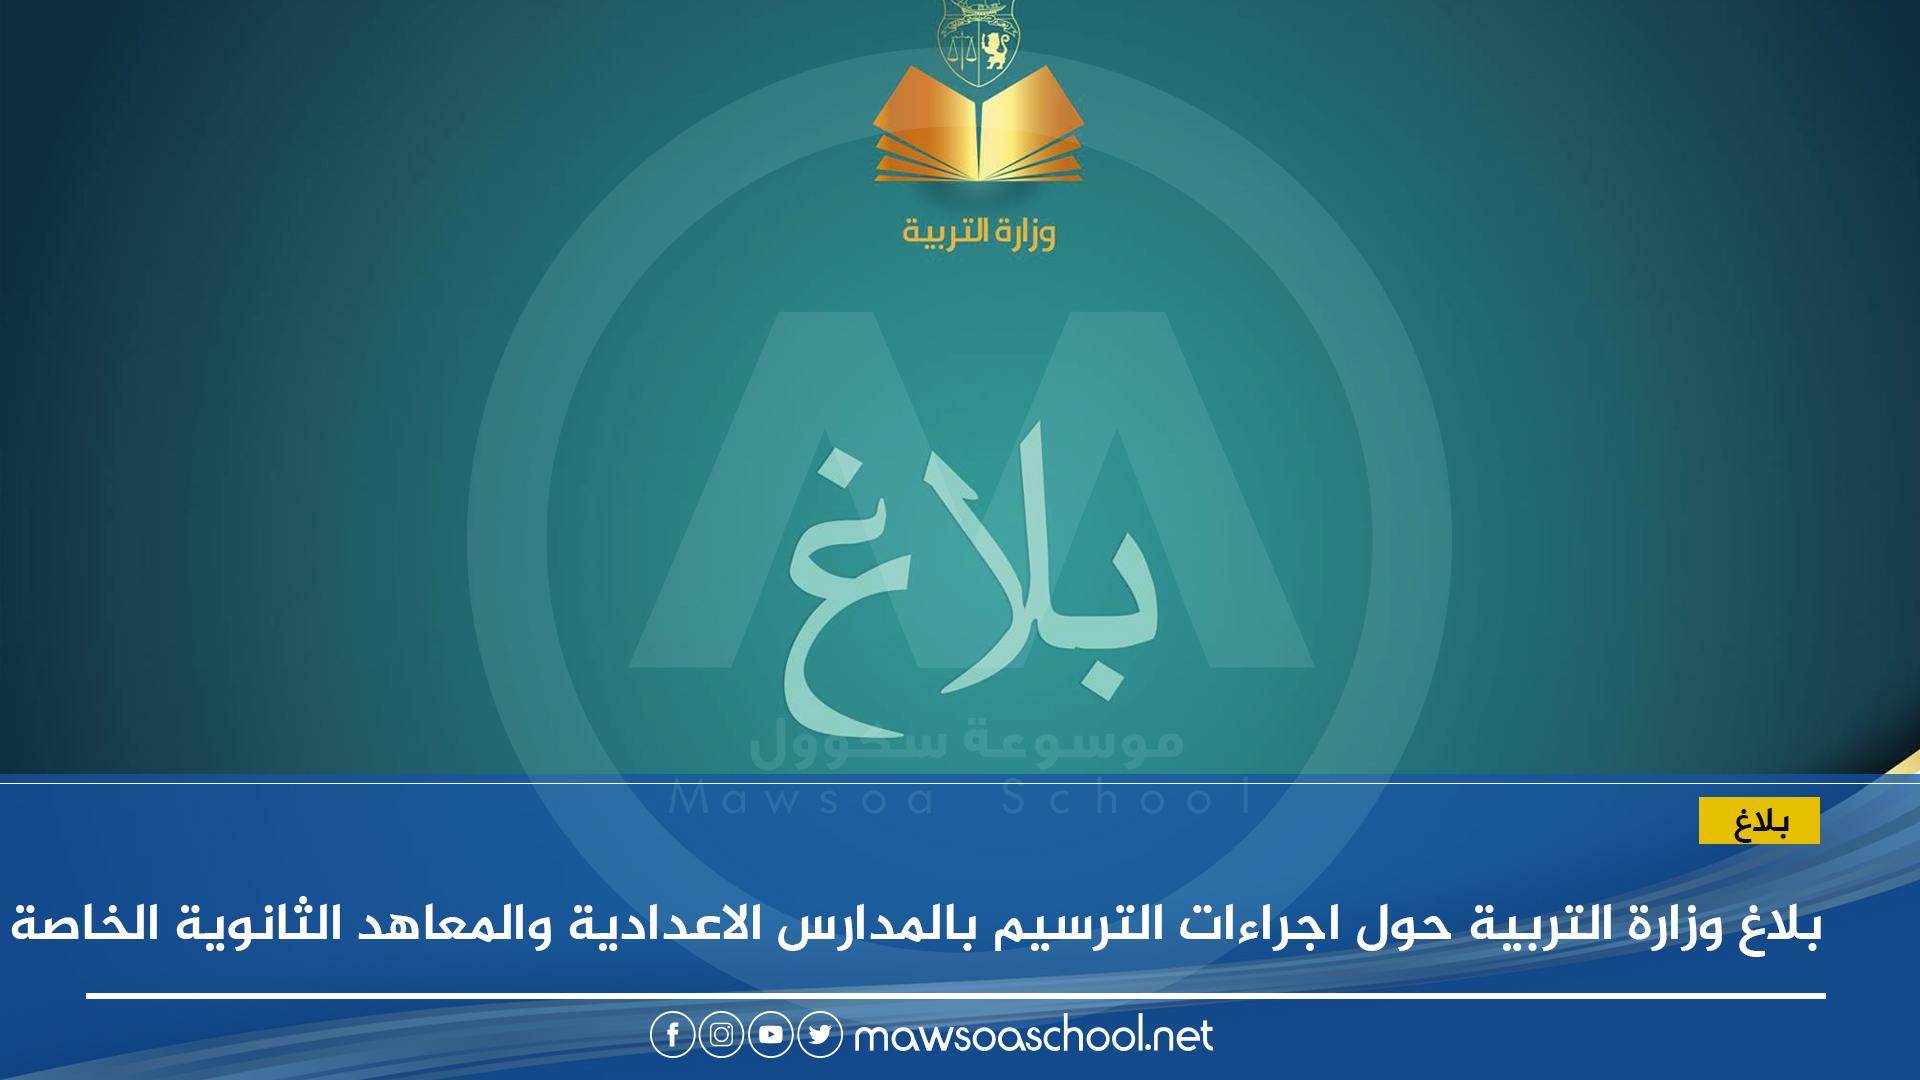 بلاغ وزارة التربية حول اجراءات الترسيم بالمدارس الاعدادية والمعاهد الثانوية الخاصة